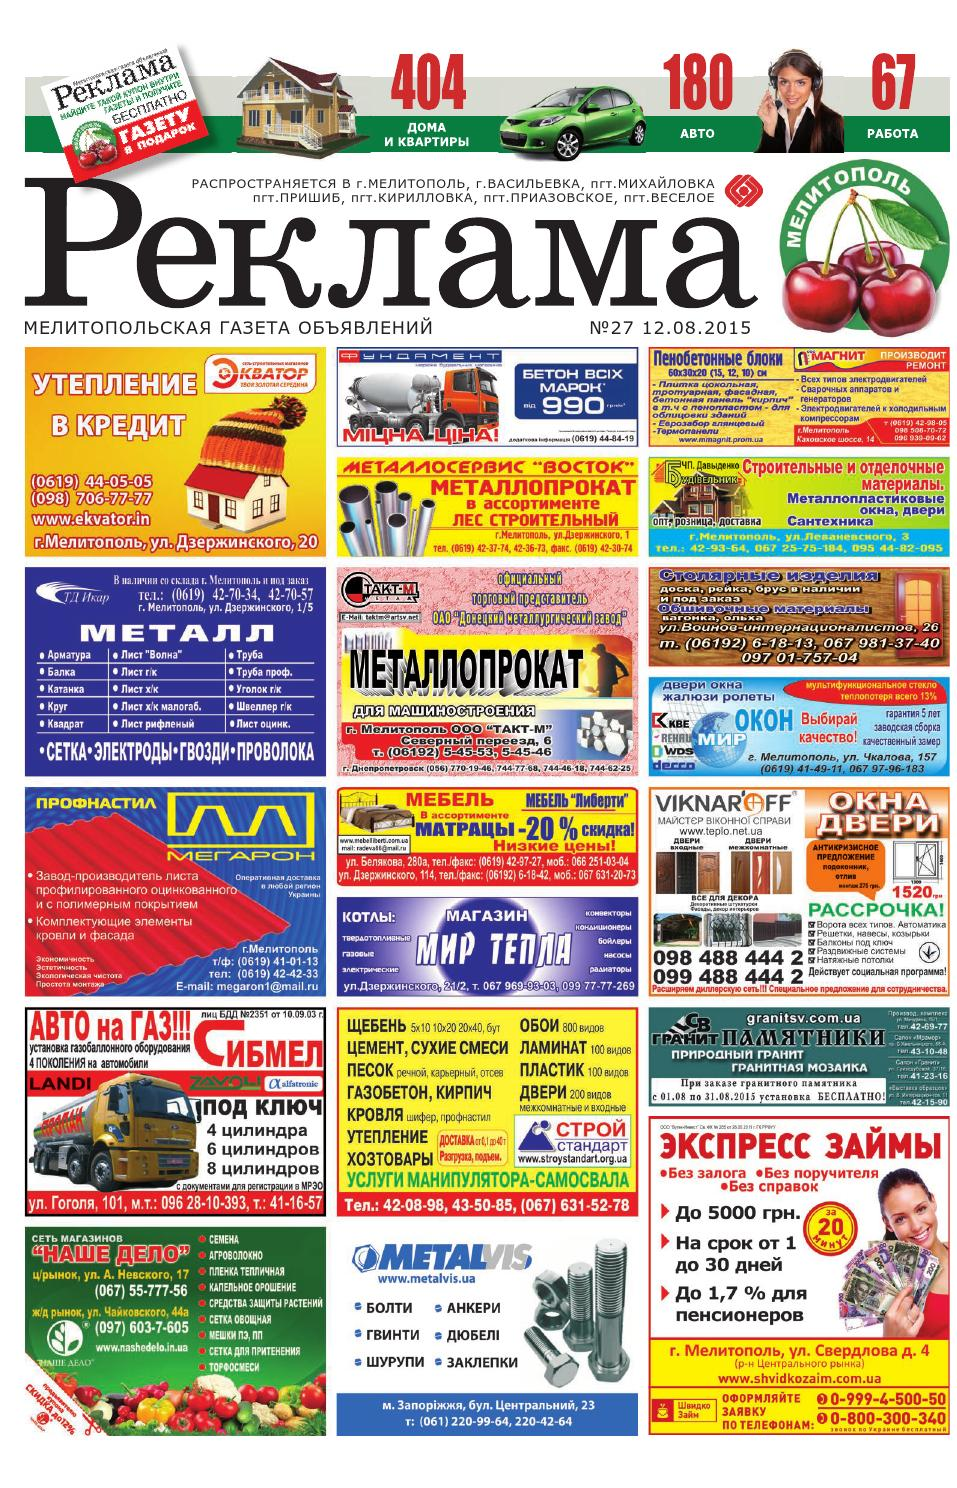 Газетные Обьявления Знакомств Мелитополя